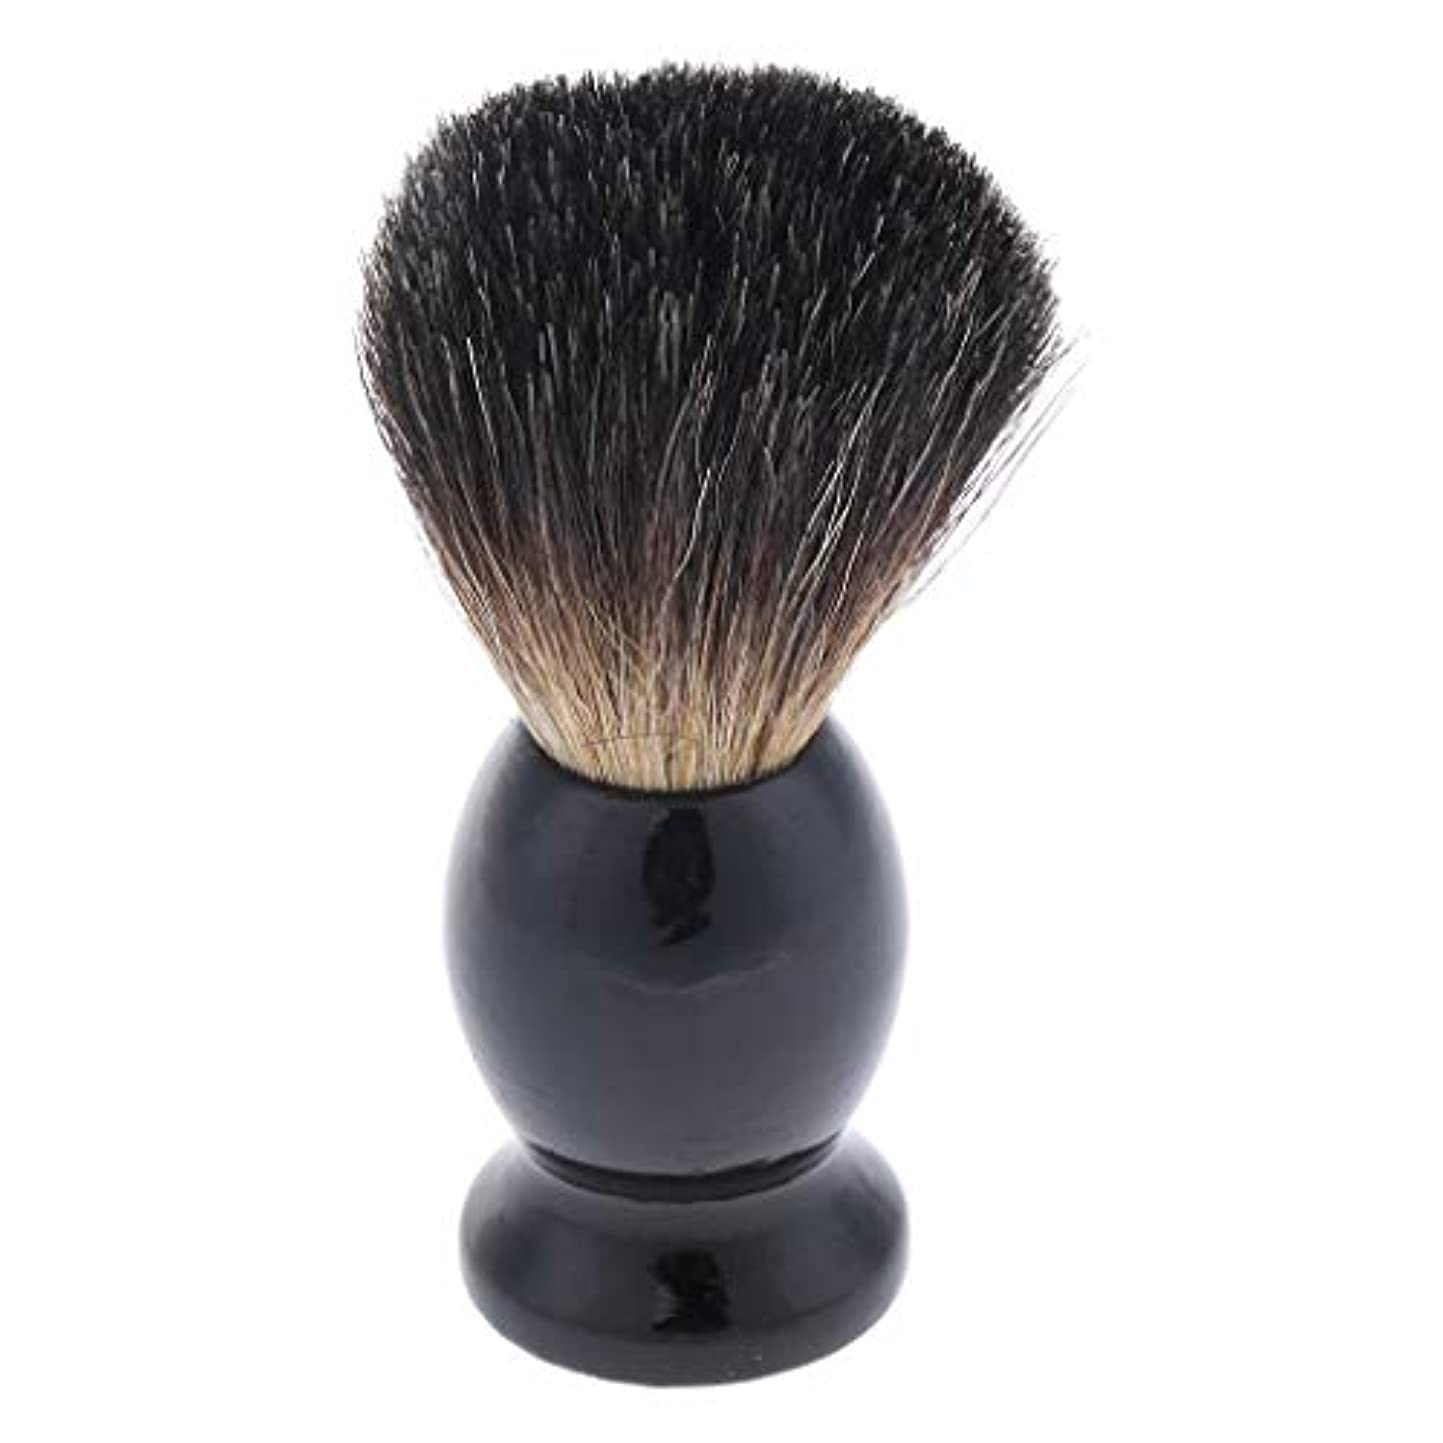 ピルヒップ判決P Prettyia シェービングブラシ メンズ ひげブラシ 髭剃りブラシ 木製ハンドル 泡立ち 理容